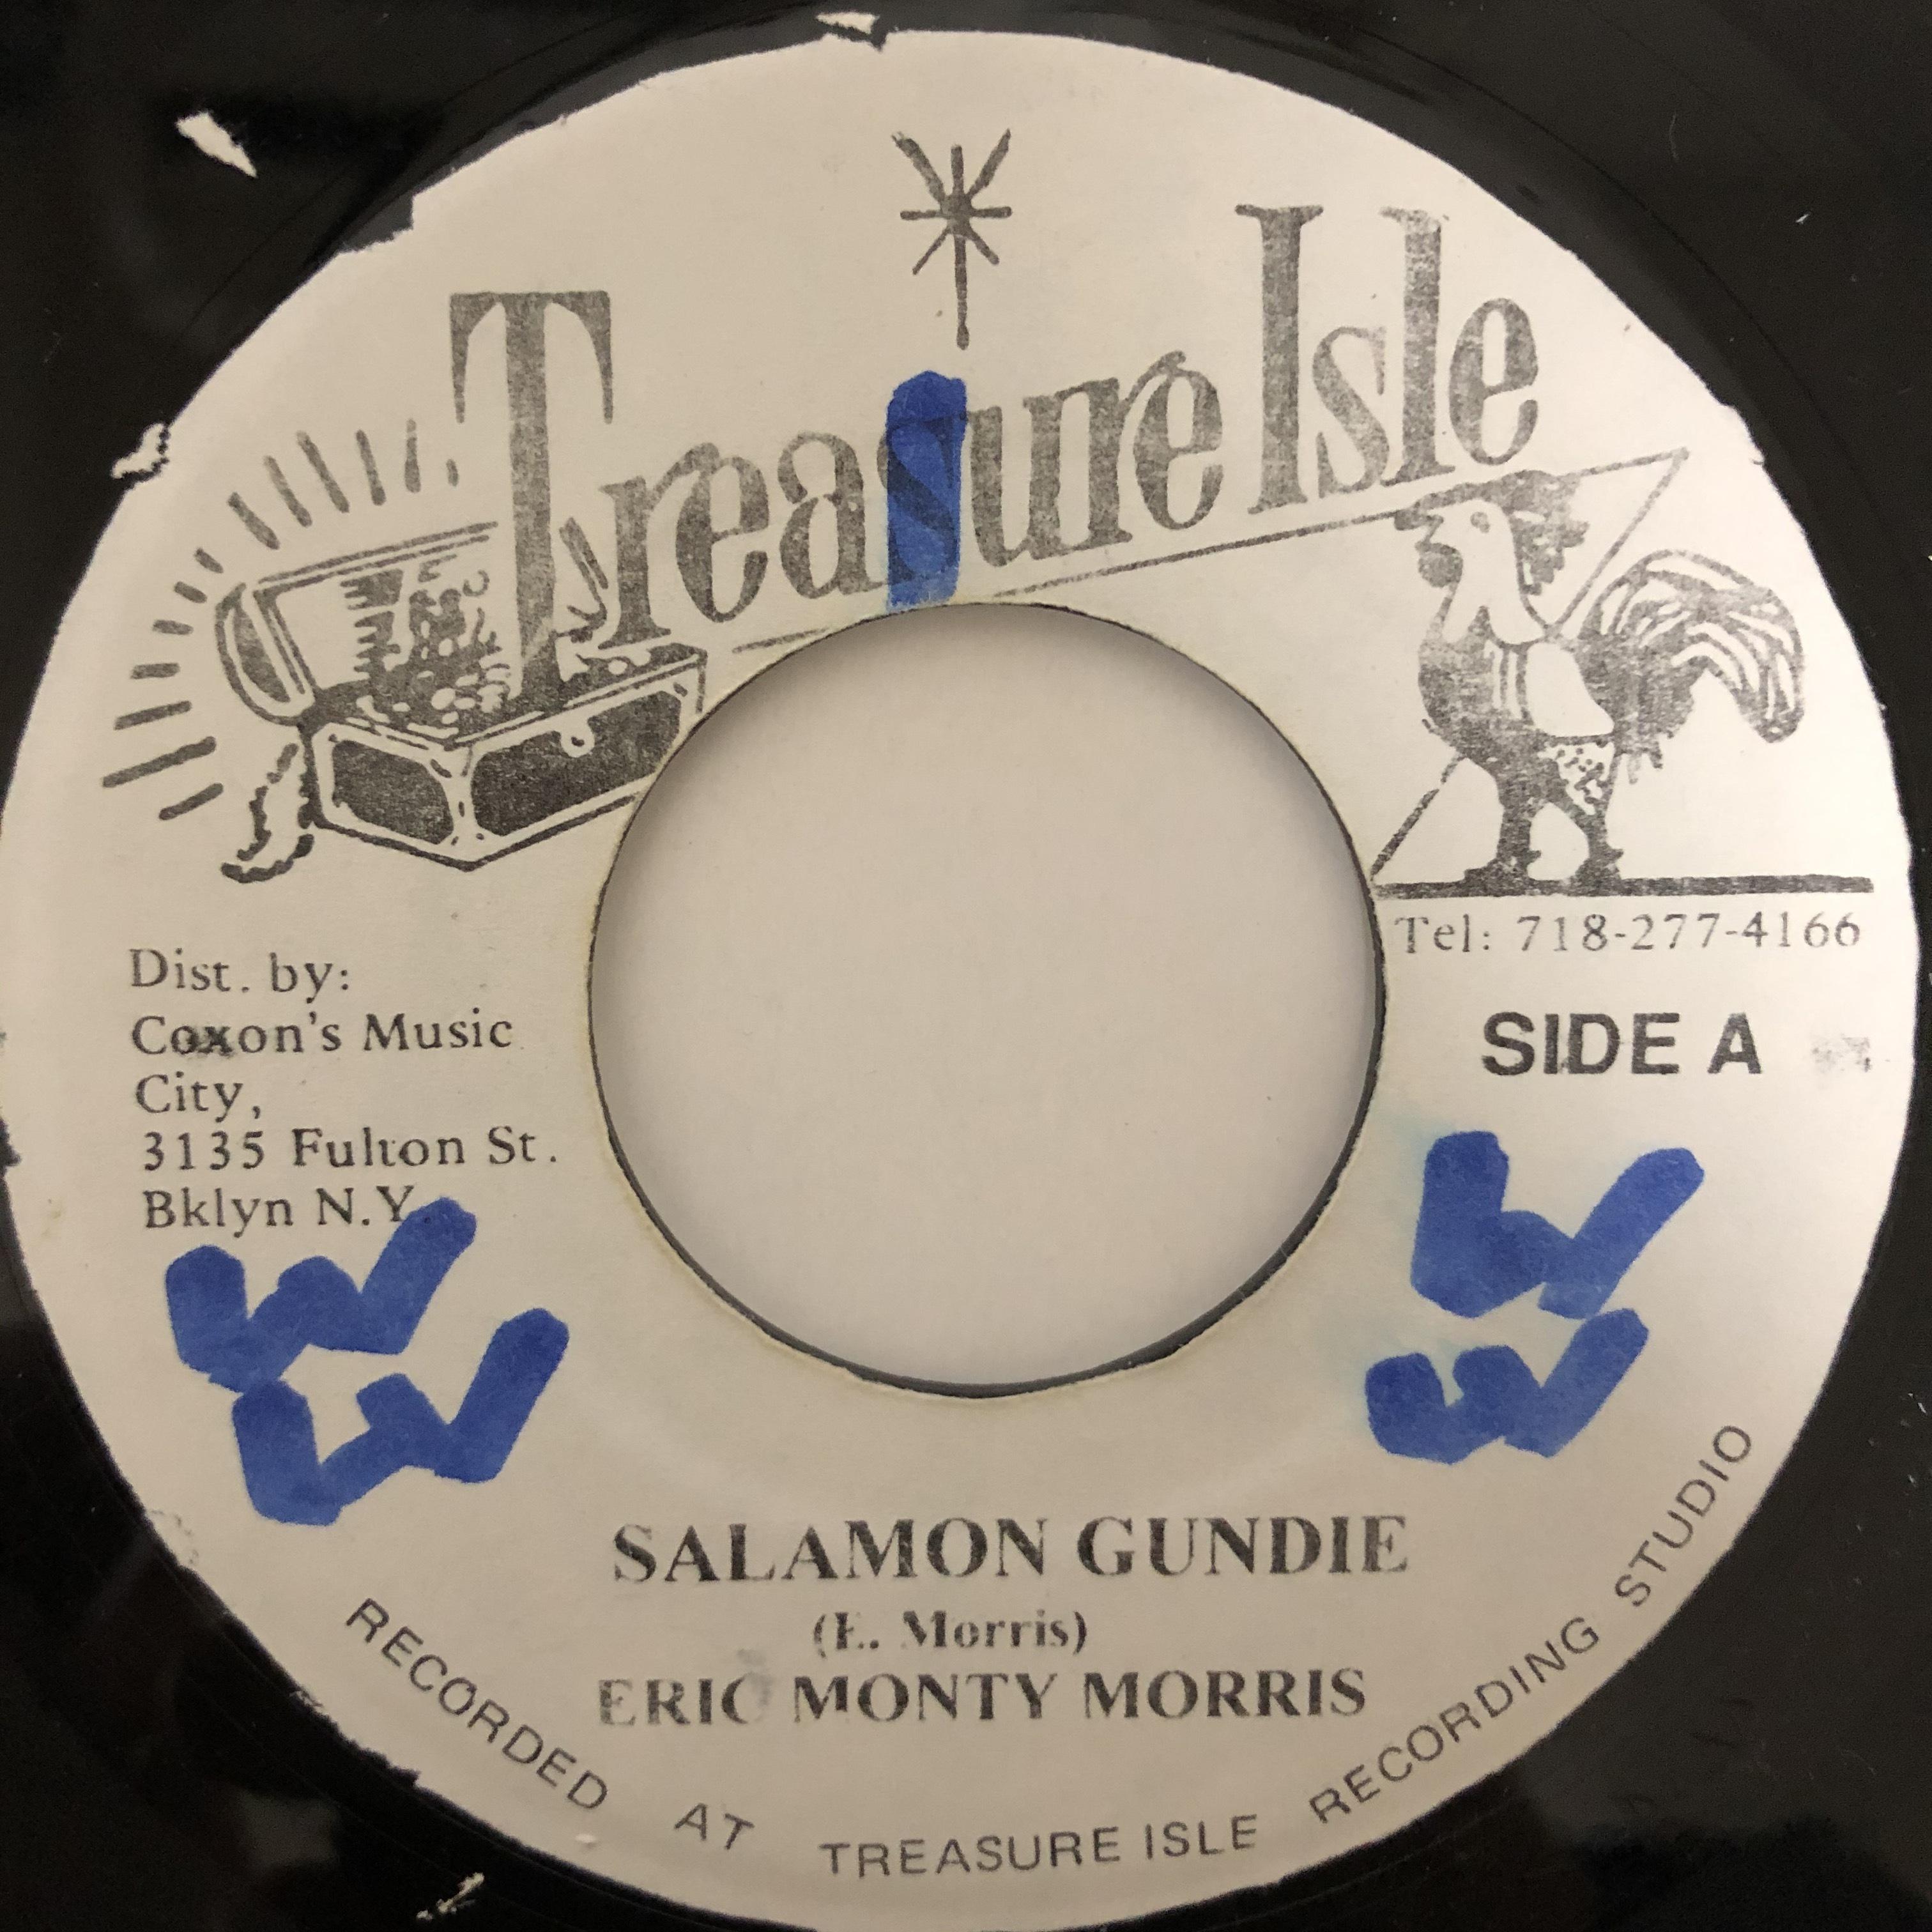 Eric Monty Morris - Salamon Gundie【7-20437】